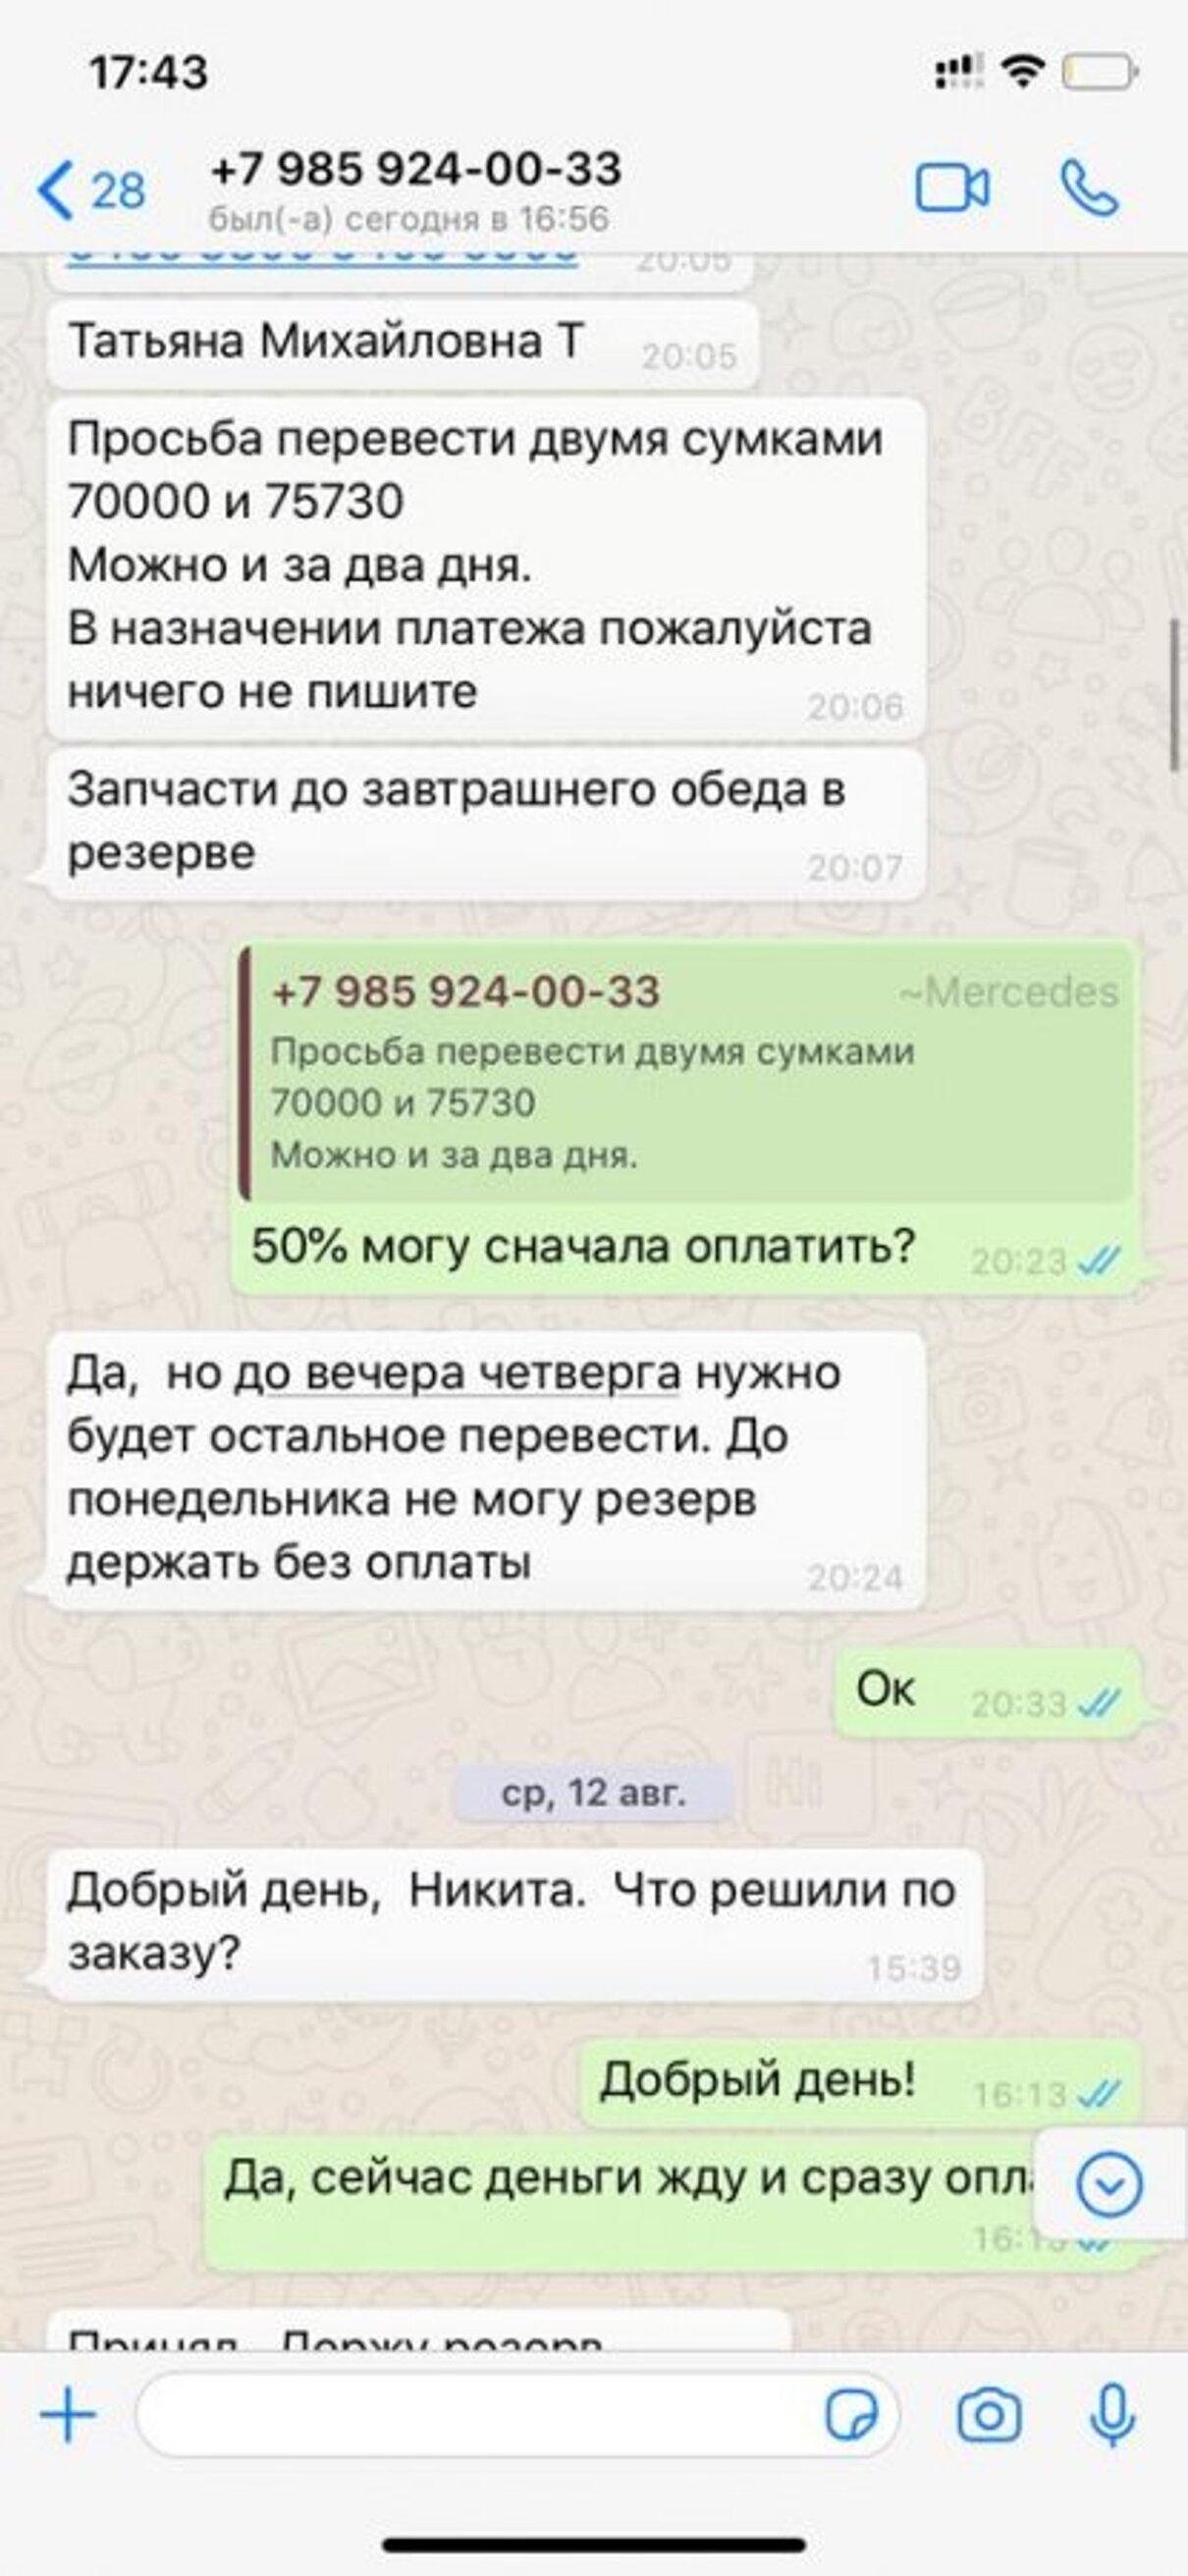 Жалоба-отзыв: Magazinmercedes.ru - Мошенники!!! Не привезли запчасти, не вернули деньги!!!.  Фото №3